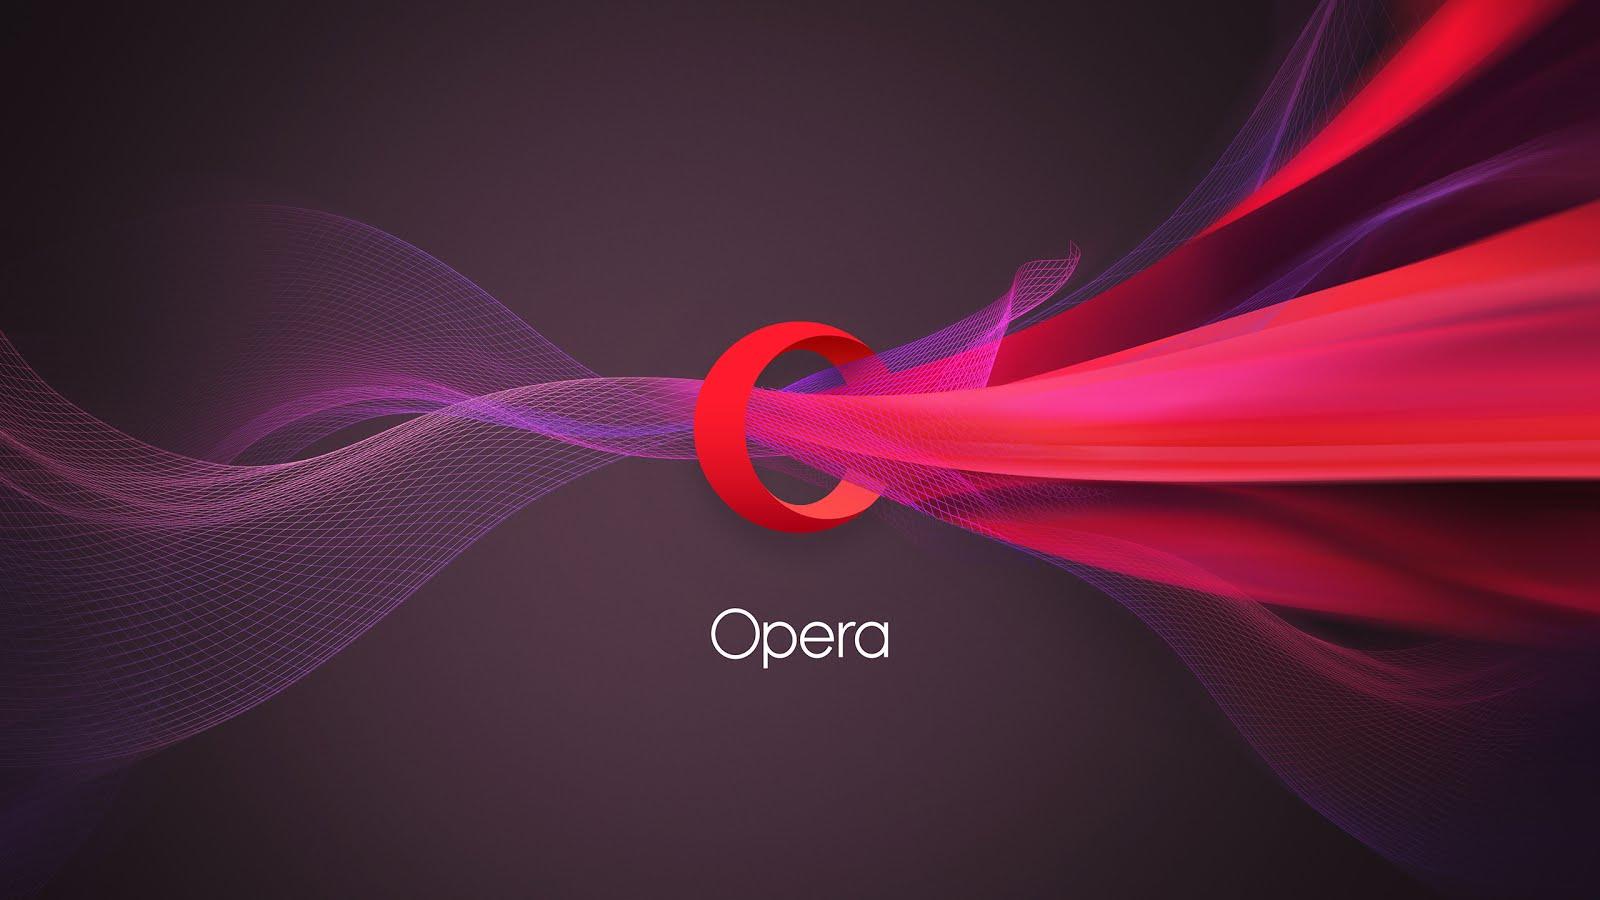 تحميل برنامج اوبرا مينى Opera Mini